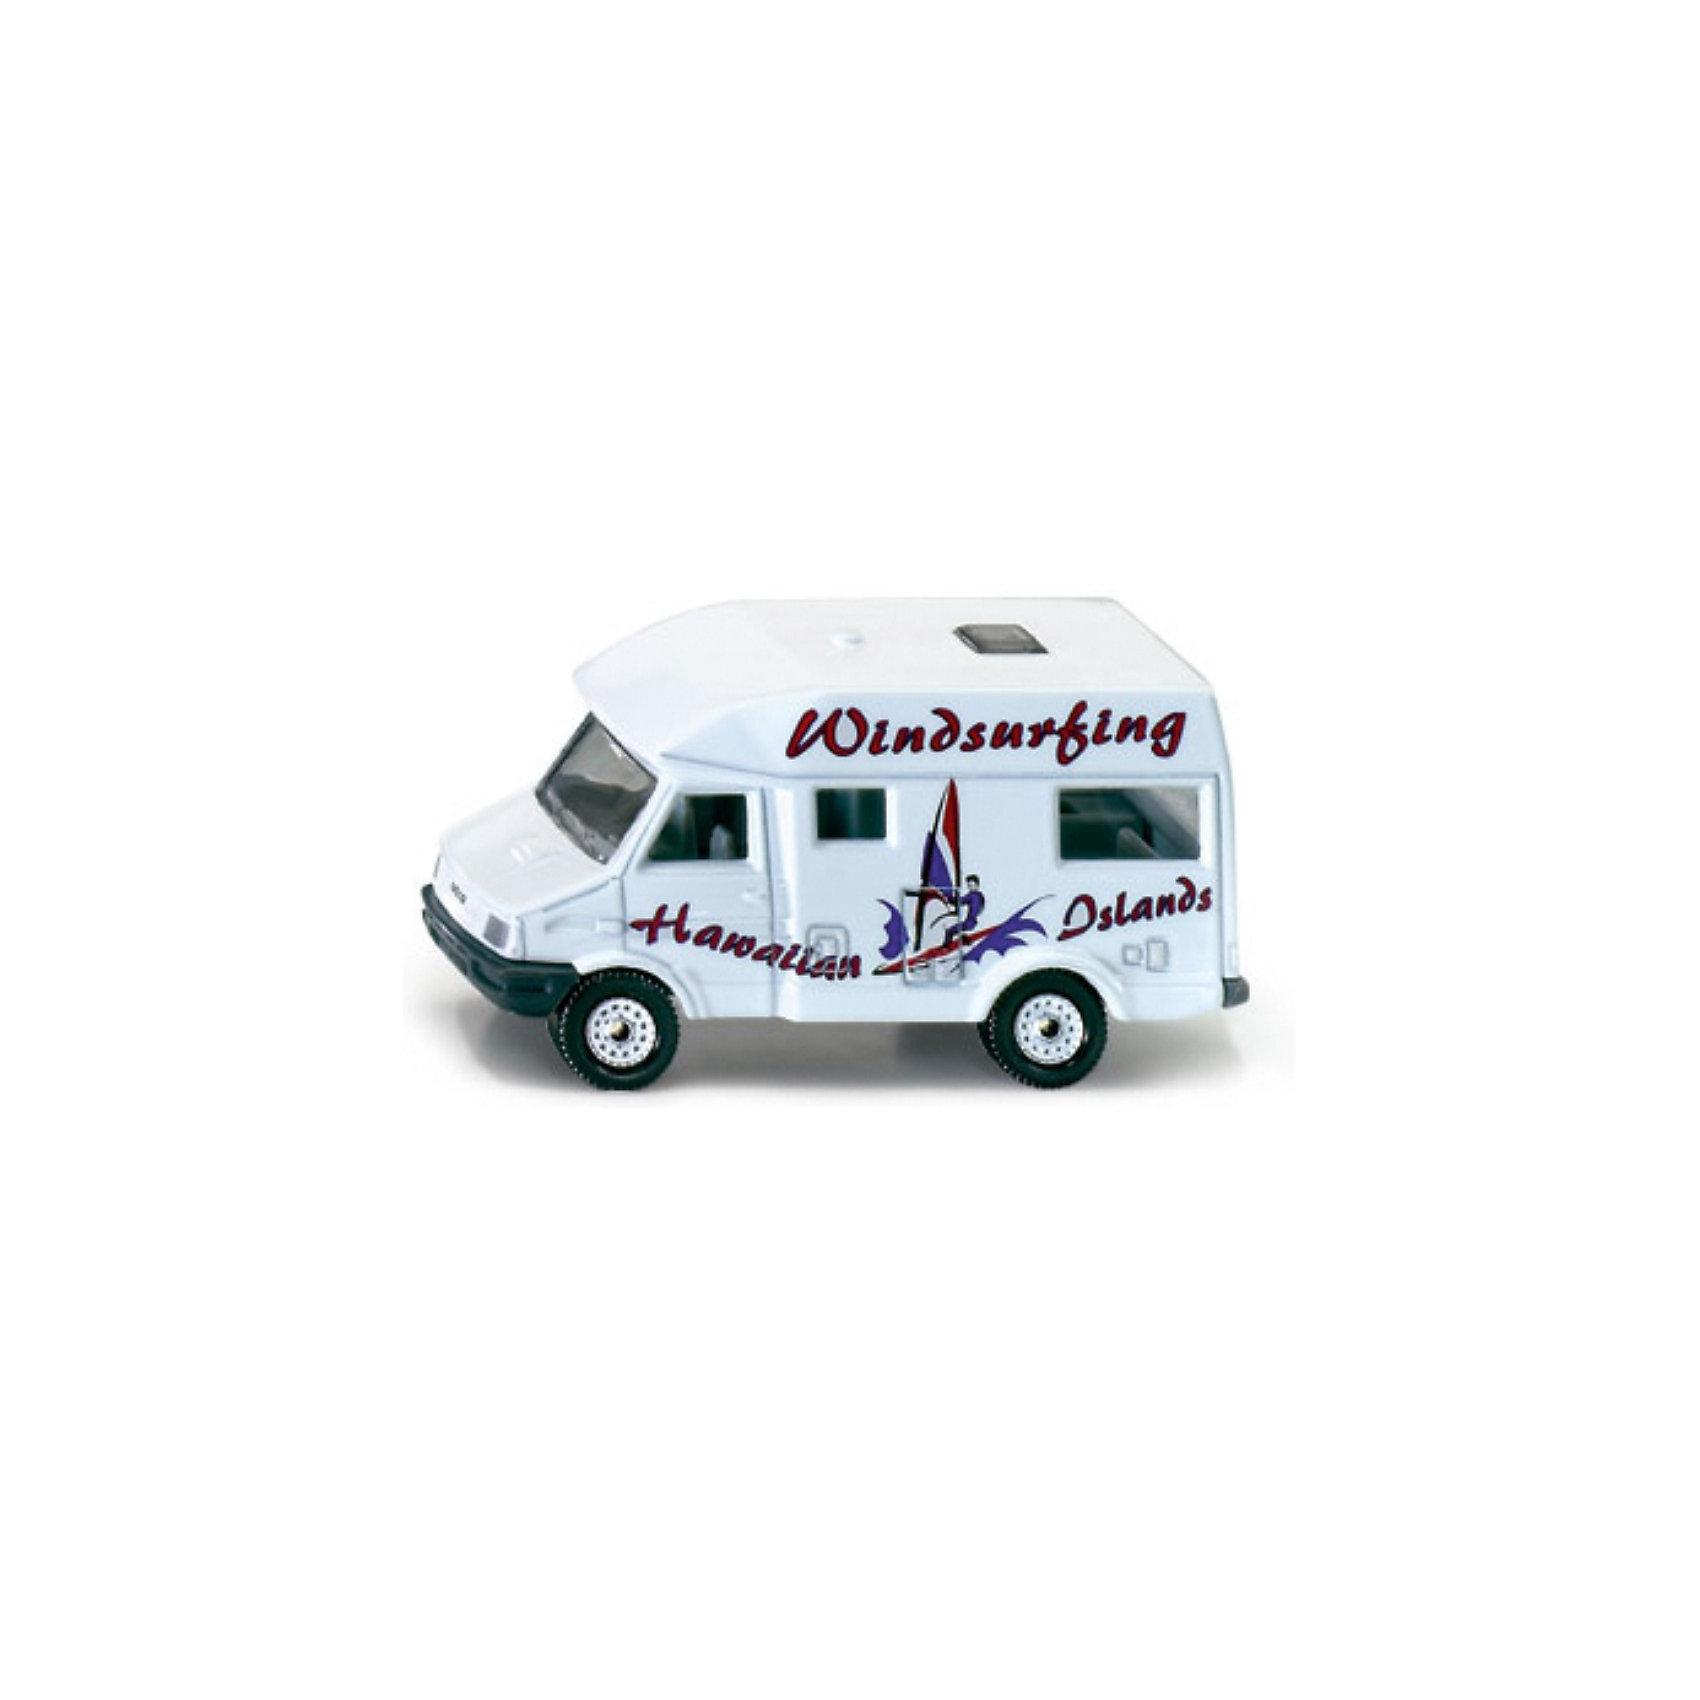 SIKU 1022 Жилой фургонИгрушечная модель SIKU 1022 Жилой фургон.  Корпус игрушки выполнен из металла, лобовое, заднее и боковые стёкла из прозрачной пластмассы, колёса выполнены из пластика и вращаются, можно катать.<br><br>Игрушечные модели SIKU уже более 50 лет отличаются высоким качеством и безопасностью. Они имеют сертификаты T?V и GS, изготавливаются в соответствии с актуальными предписаниями по безопасности и отмечены знаком SPIEL GUT. Игрушки не предназначены для детей младше 36 месяцев, так как содержат мелкие детали, которые могут быть проглочены.<br><br>Д/Ш/В: 78x32x40 мм<br><br>+++Примечание+++<br>Фирма SIKU оставляет за собой право на изменение цвета и технических характеристик моделей. При демонстрации новинок в ряде случаев используются оригинальные фотографии и прототипы. Поставляемая модель может отличаться от представленной на фотографии.<br><br>Ширина мм: 94<br>Глубина мм: 78<br>Высота мм: 35<br>Вес г: 67<br>Возраст от месяцев: 36<br>Возраст до месяцев: 96<br>Пол: Мужской<br>Возраст: Детский<br>SKU: 1503777